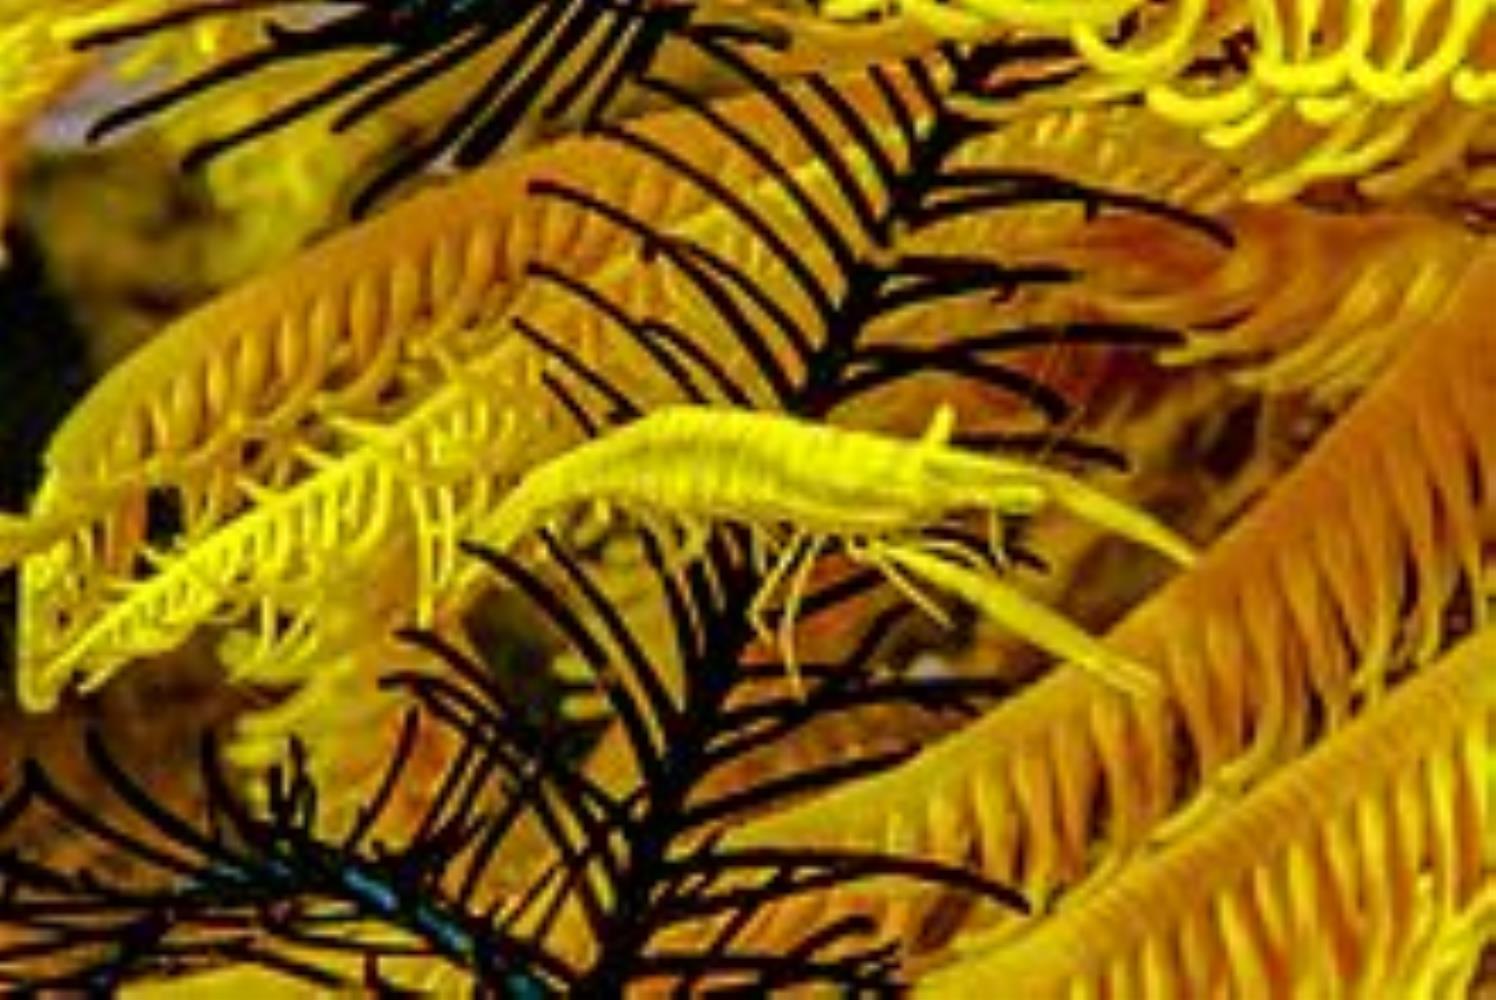 Crinoid/Feather Star Shrimp